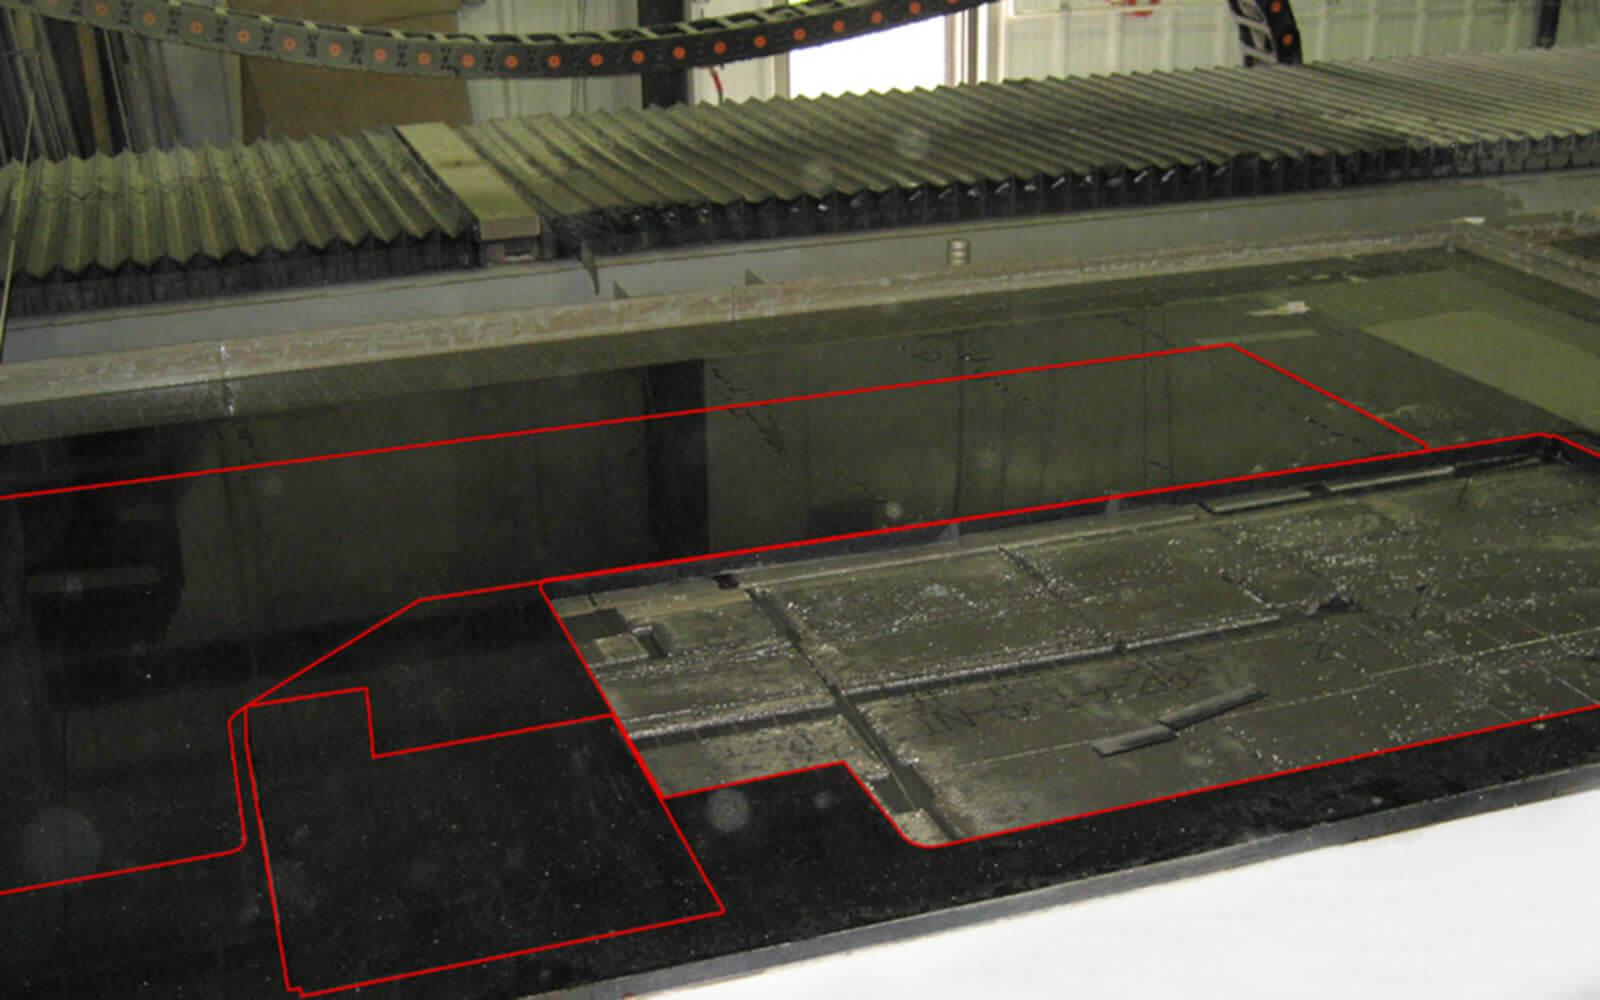 Laserprojektion für CNC Bearbeitungszentrum Steinindustrie